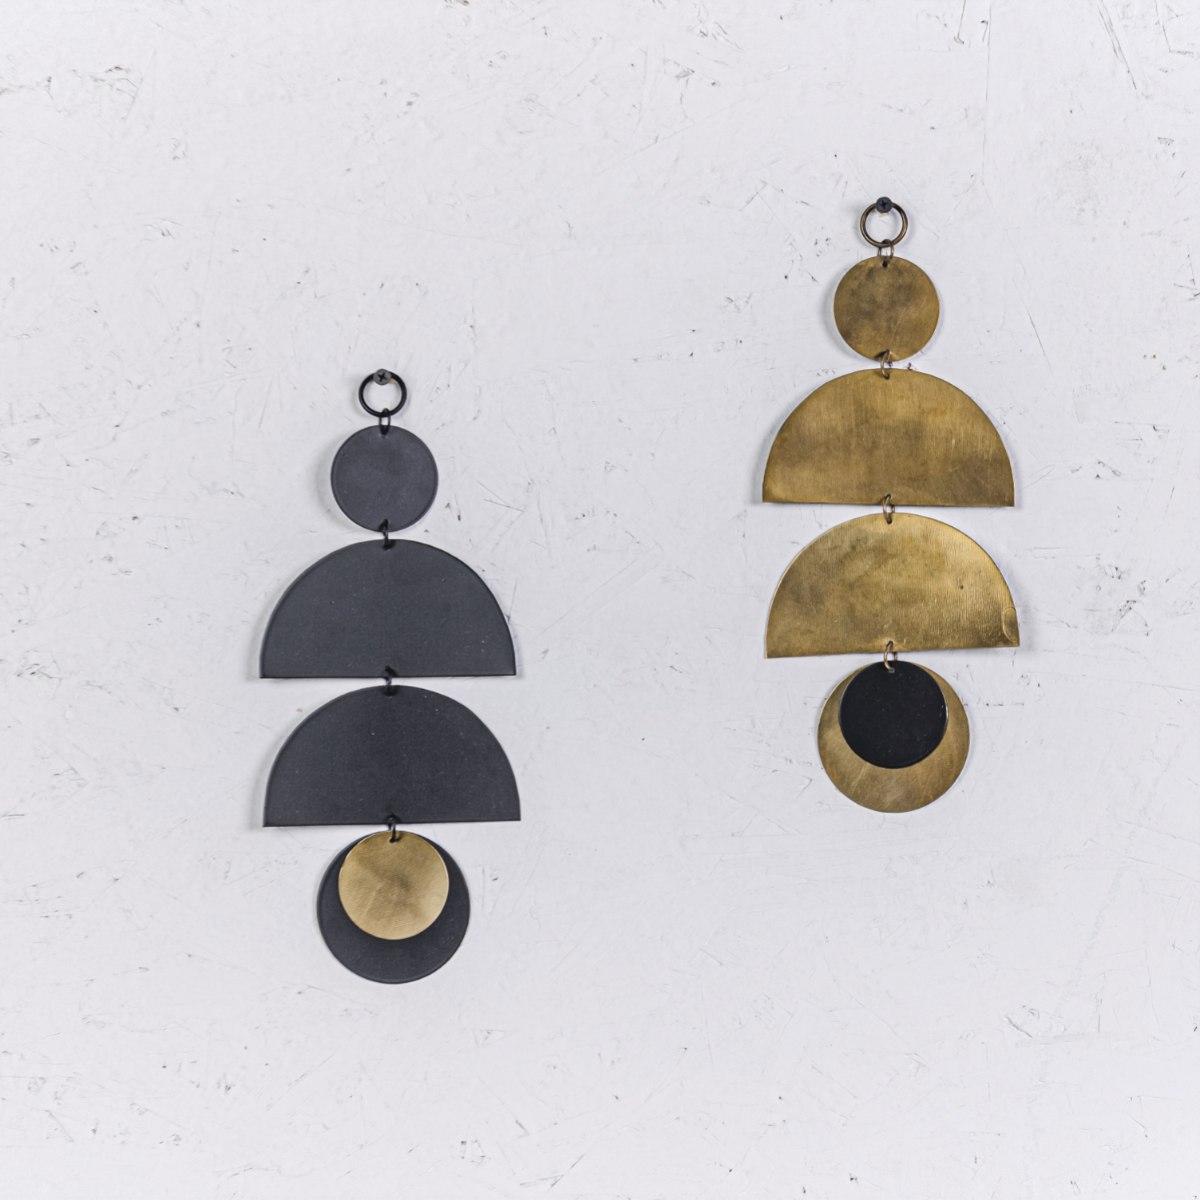 זוג קישוט מתכת לקיר - 3 קשתות (שחור וזהב)